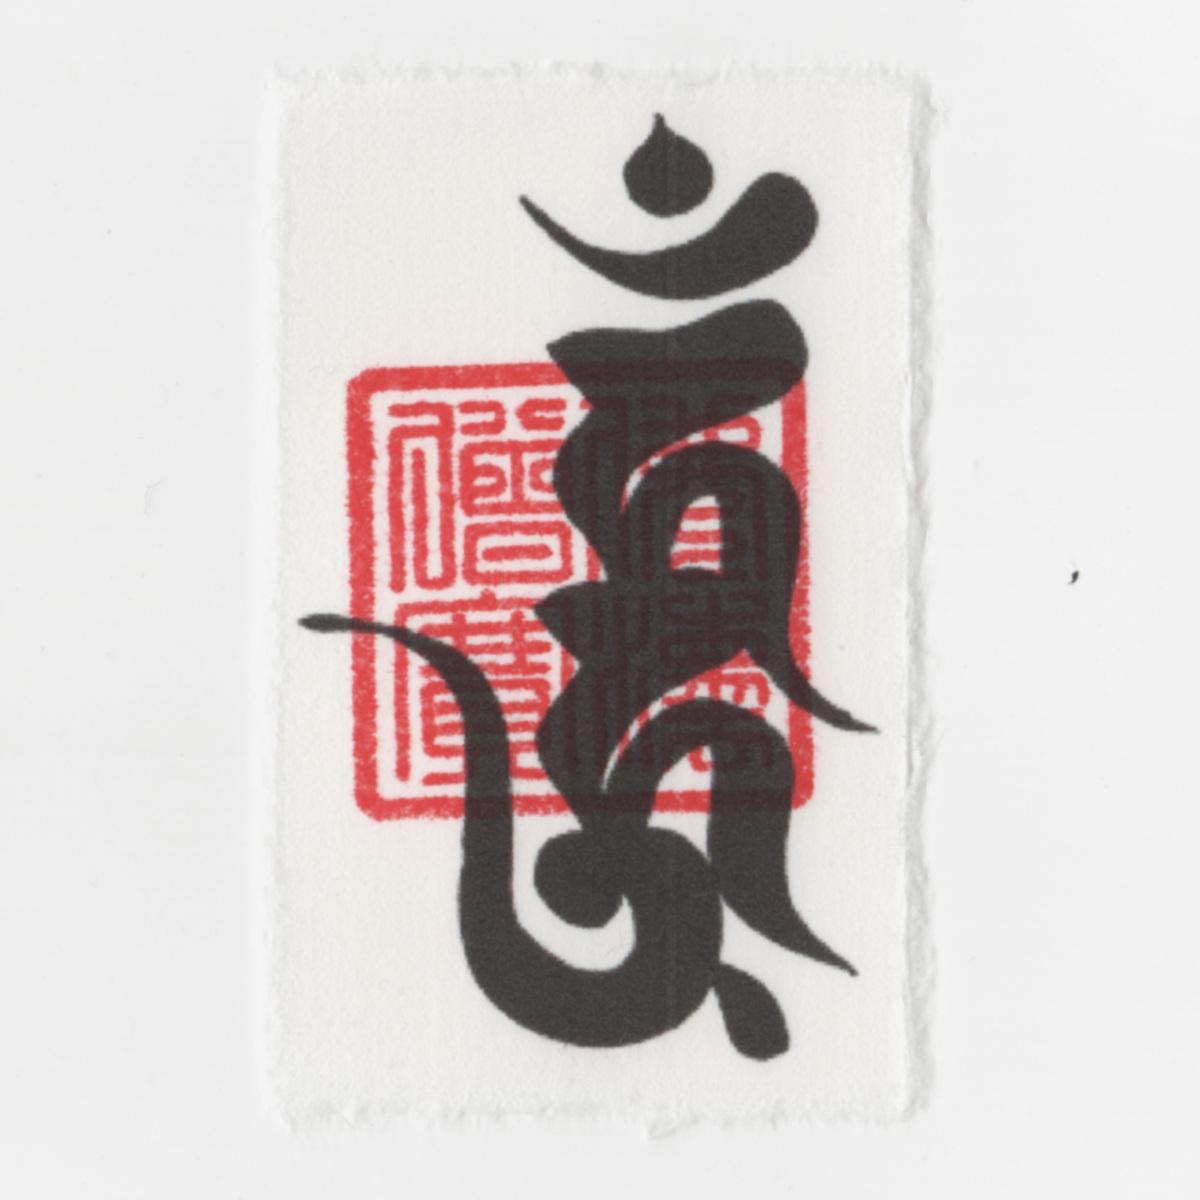 財布に入る名刺サイズでいつでも持ち歩ける護符です。 1000円ポッキリ ポイント消化 開運 梵字護符 恋愛運【愛染明王】お守り 意中の相手を夢中にさせて恋愛を成就させる強力な護符